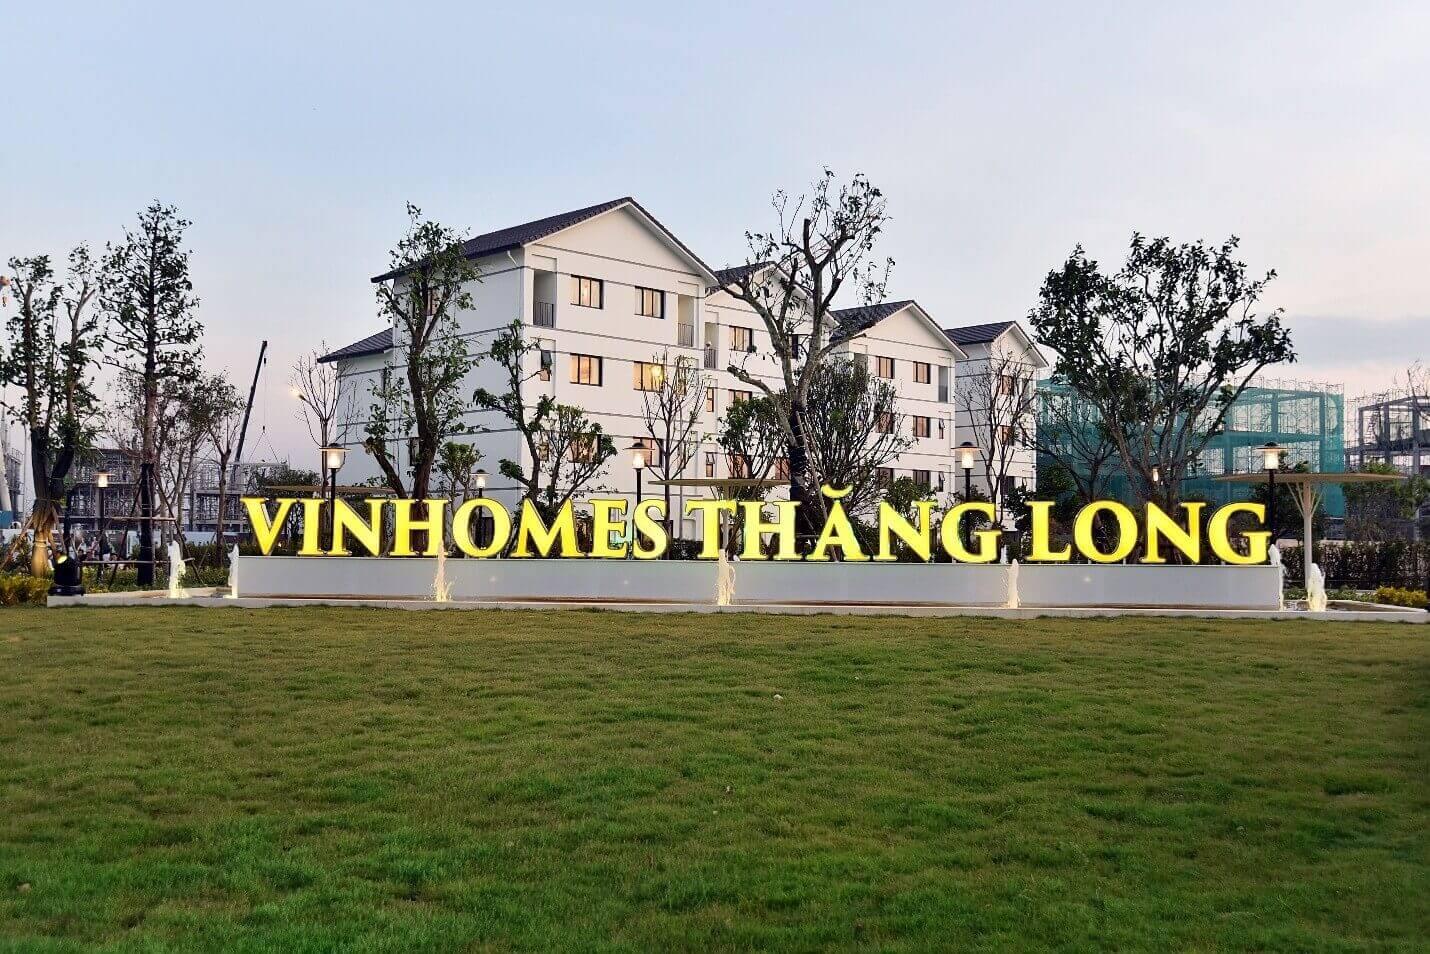 Thiết kế nội thất phòng khách biệt thự Vinhomes Thăng Long